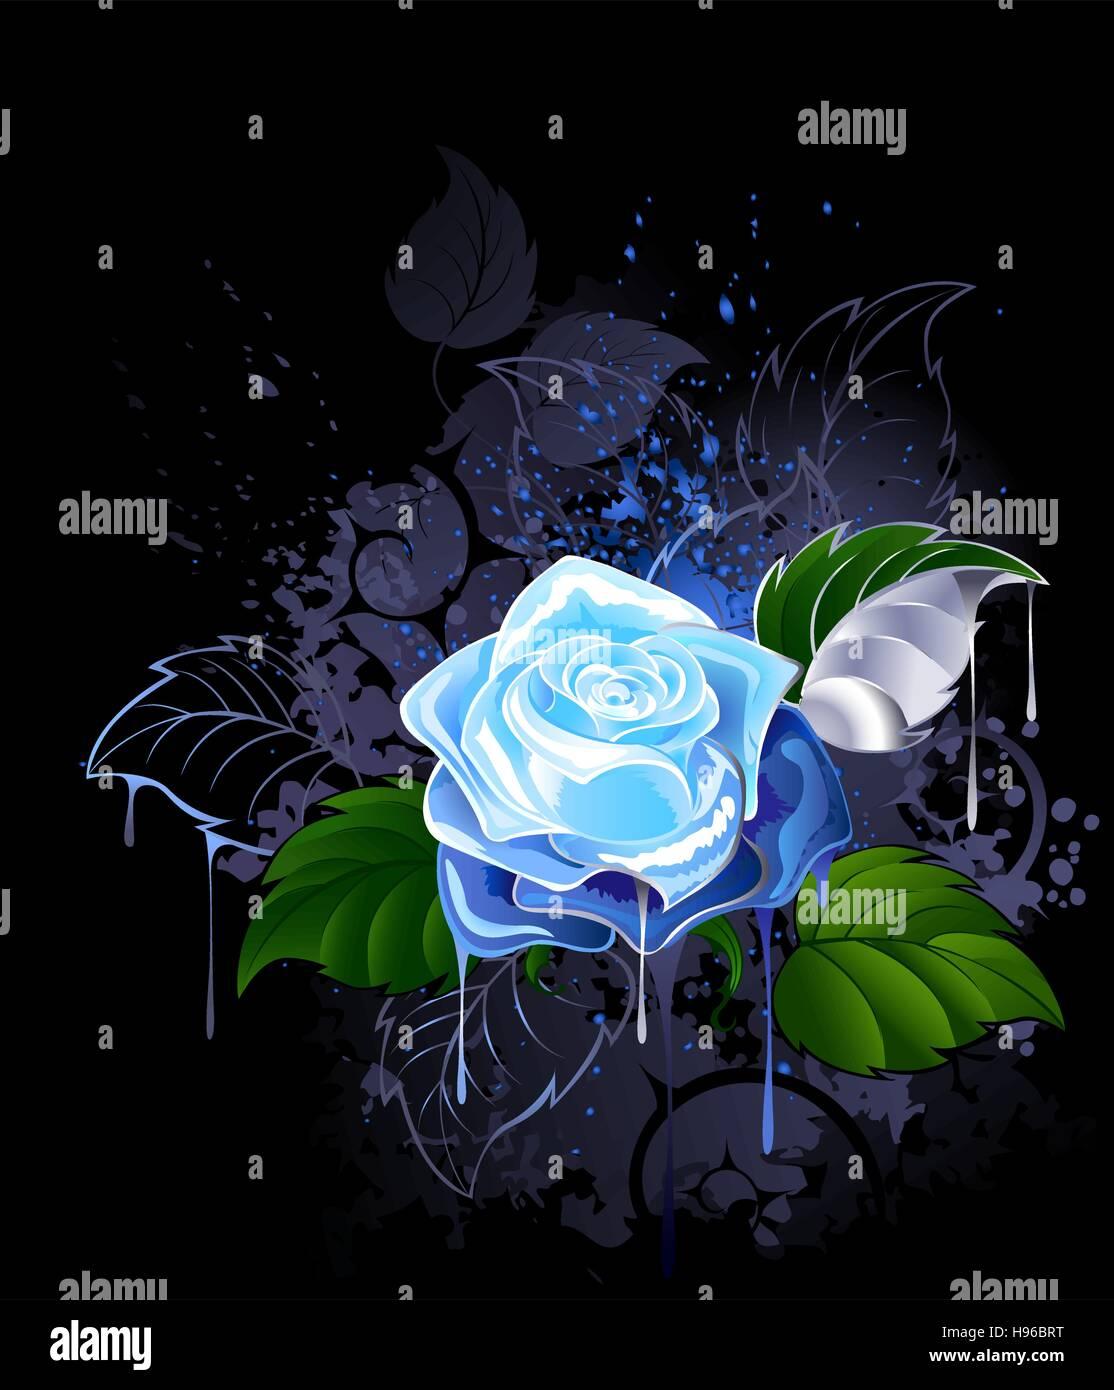 blaue rose mit gr nen bl ttern auf einem schwarzen. Black Bedroom Furniture Sets. Home Design Ideas